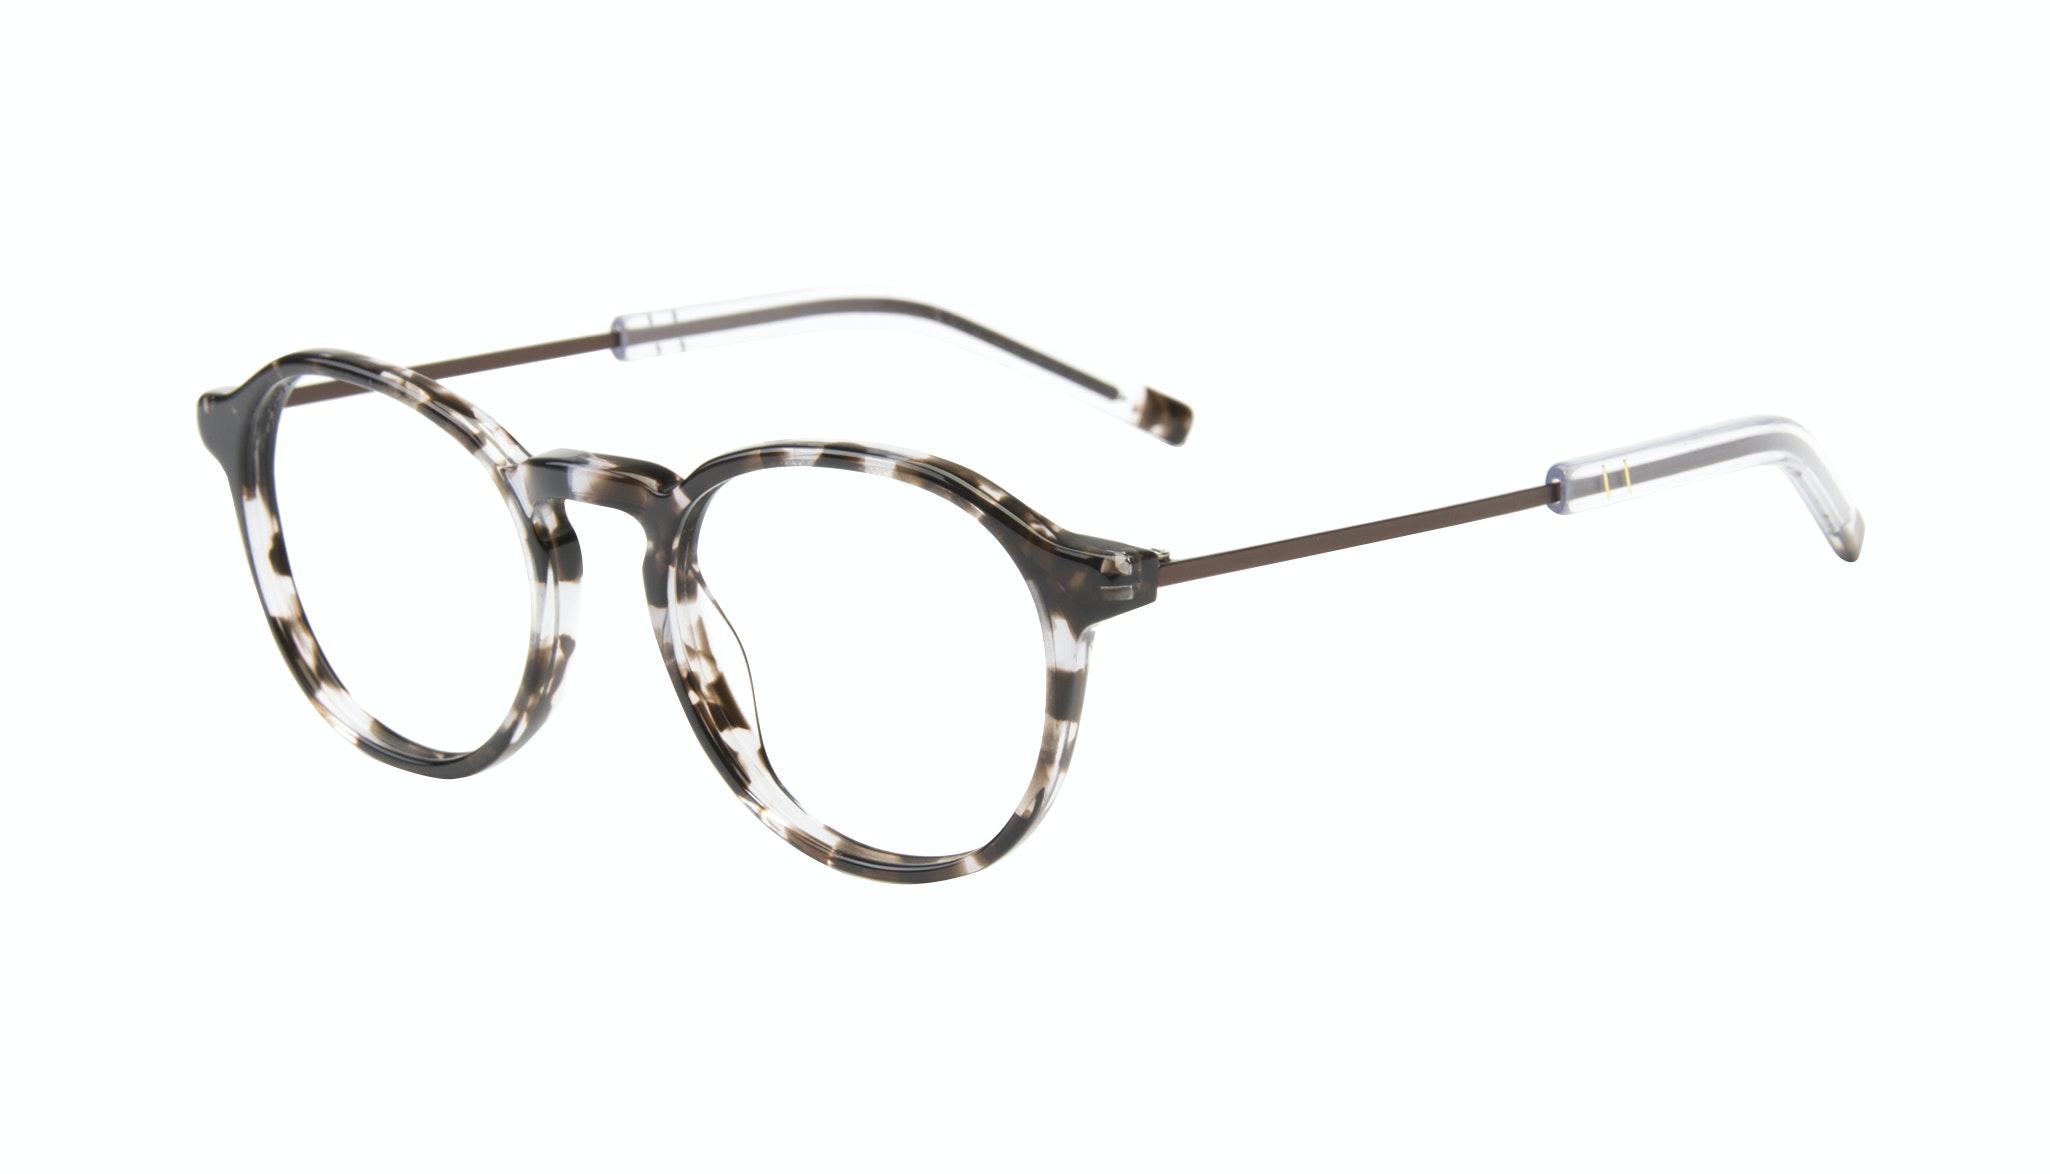 Affordable Fashion Glasses Round Eyeglasses Men Prime Mud Tort Tilt